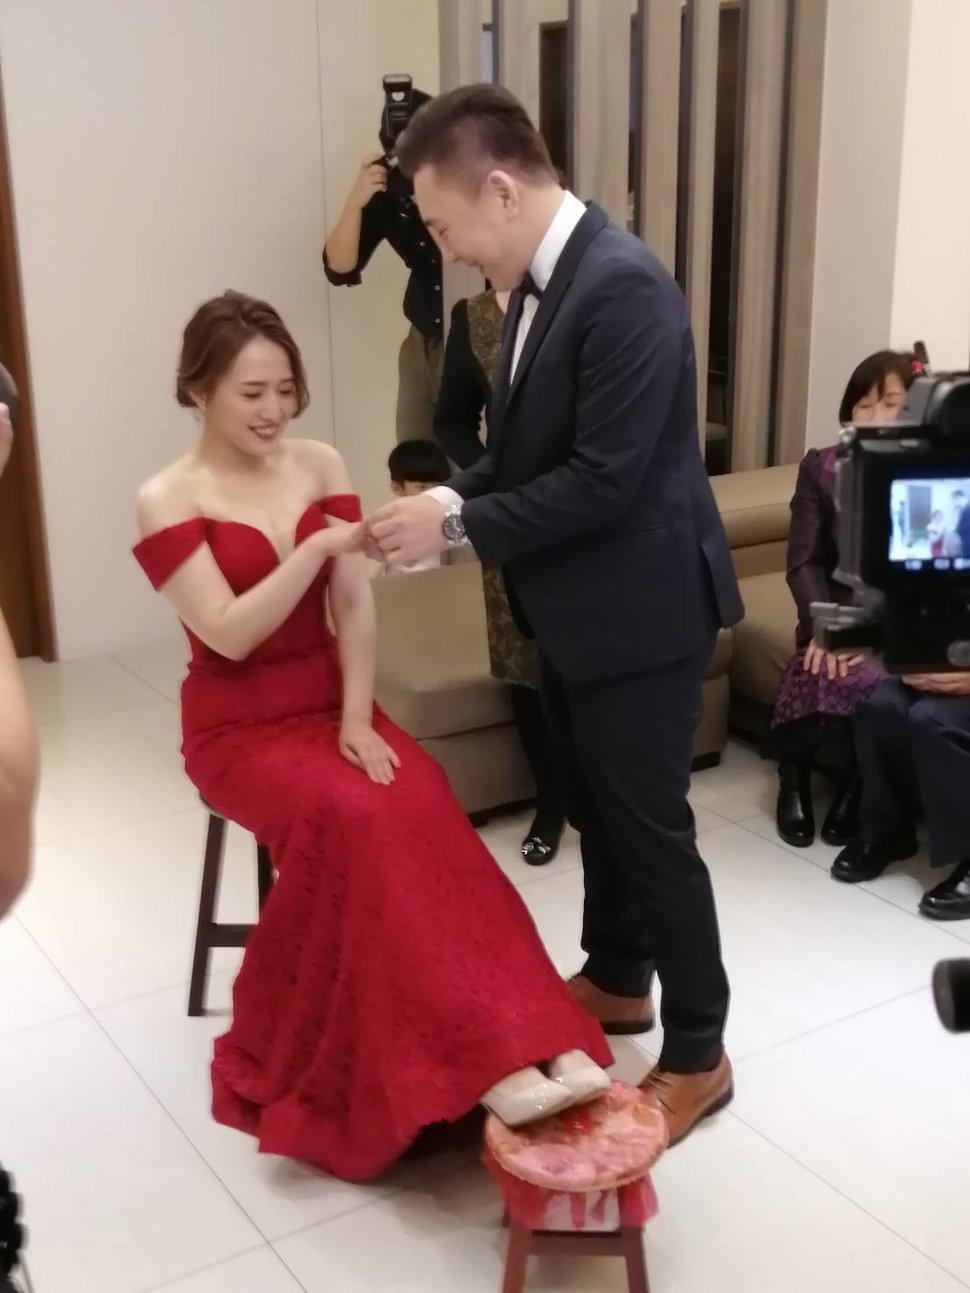 IMG_7022 - 複製 - 幸福結婚禮車出租《結婚吧》